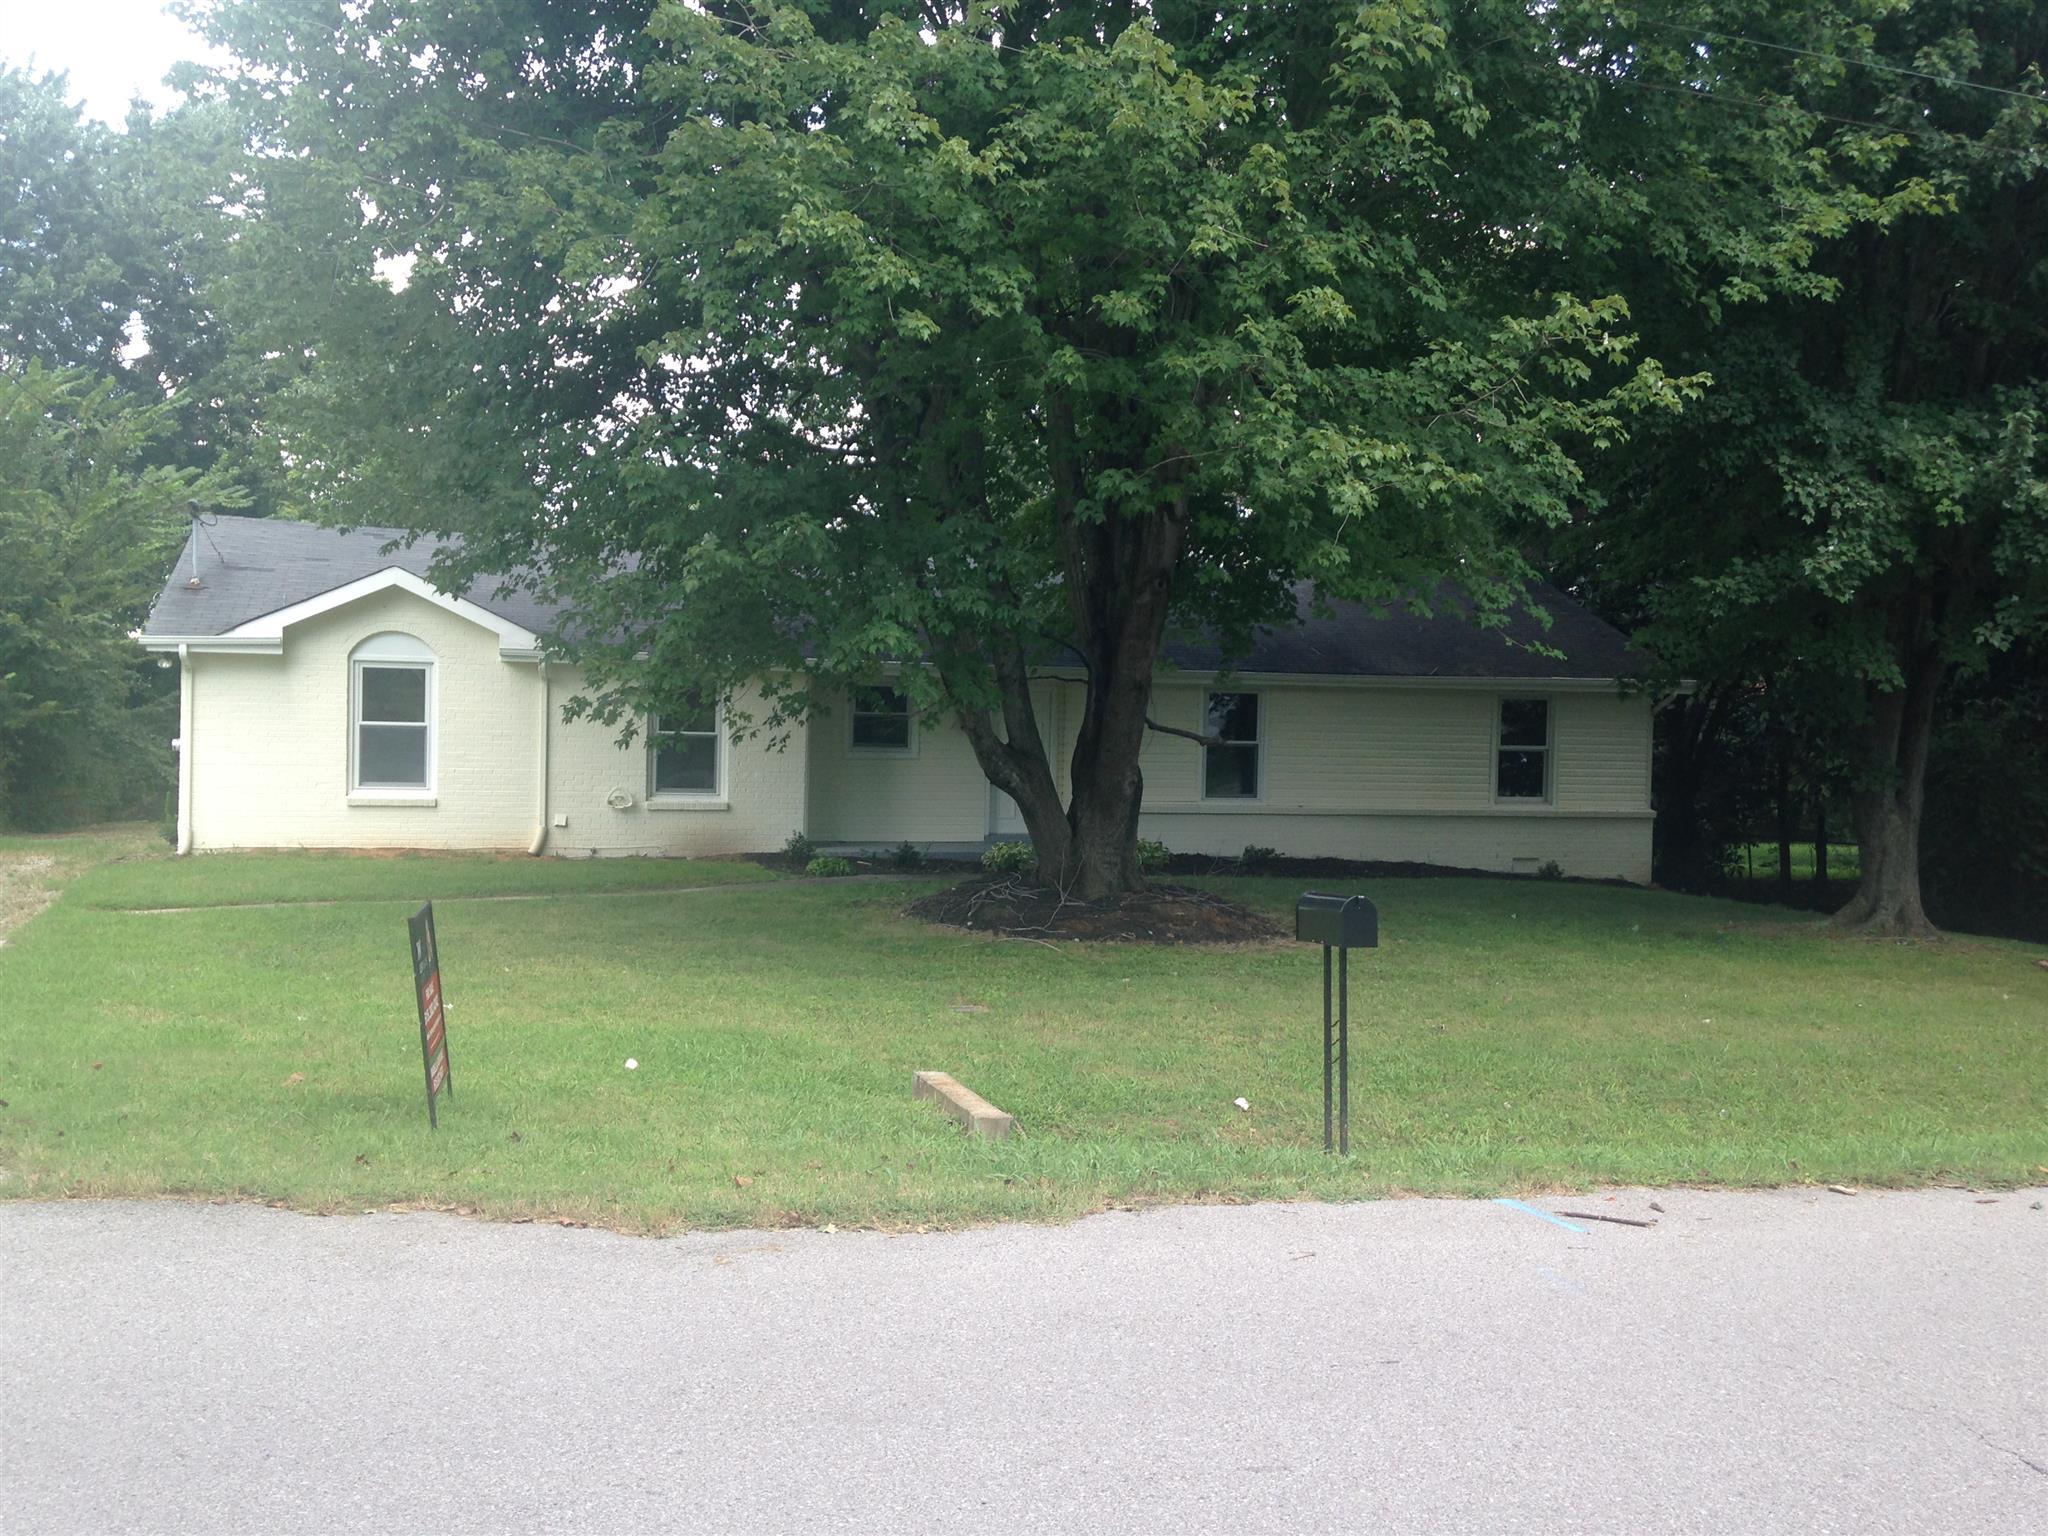 305 Mills Dr, Clarksville, TN 37042